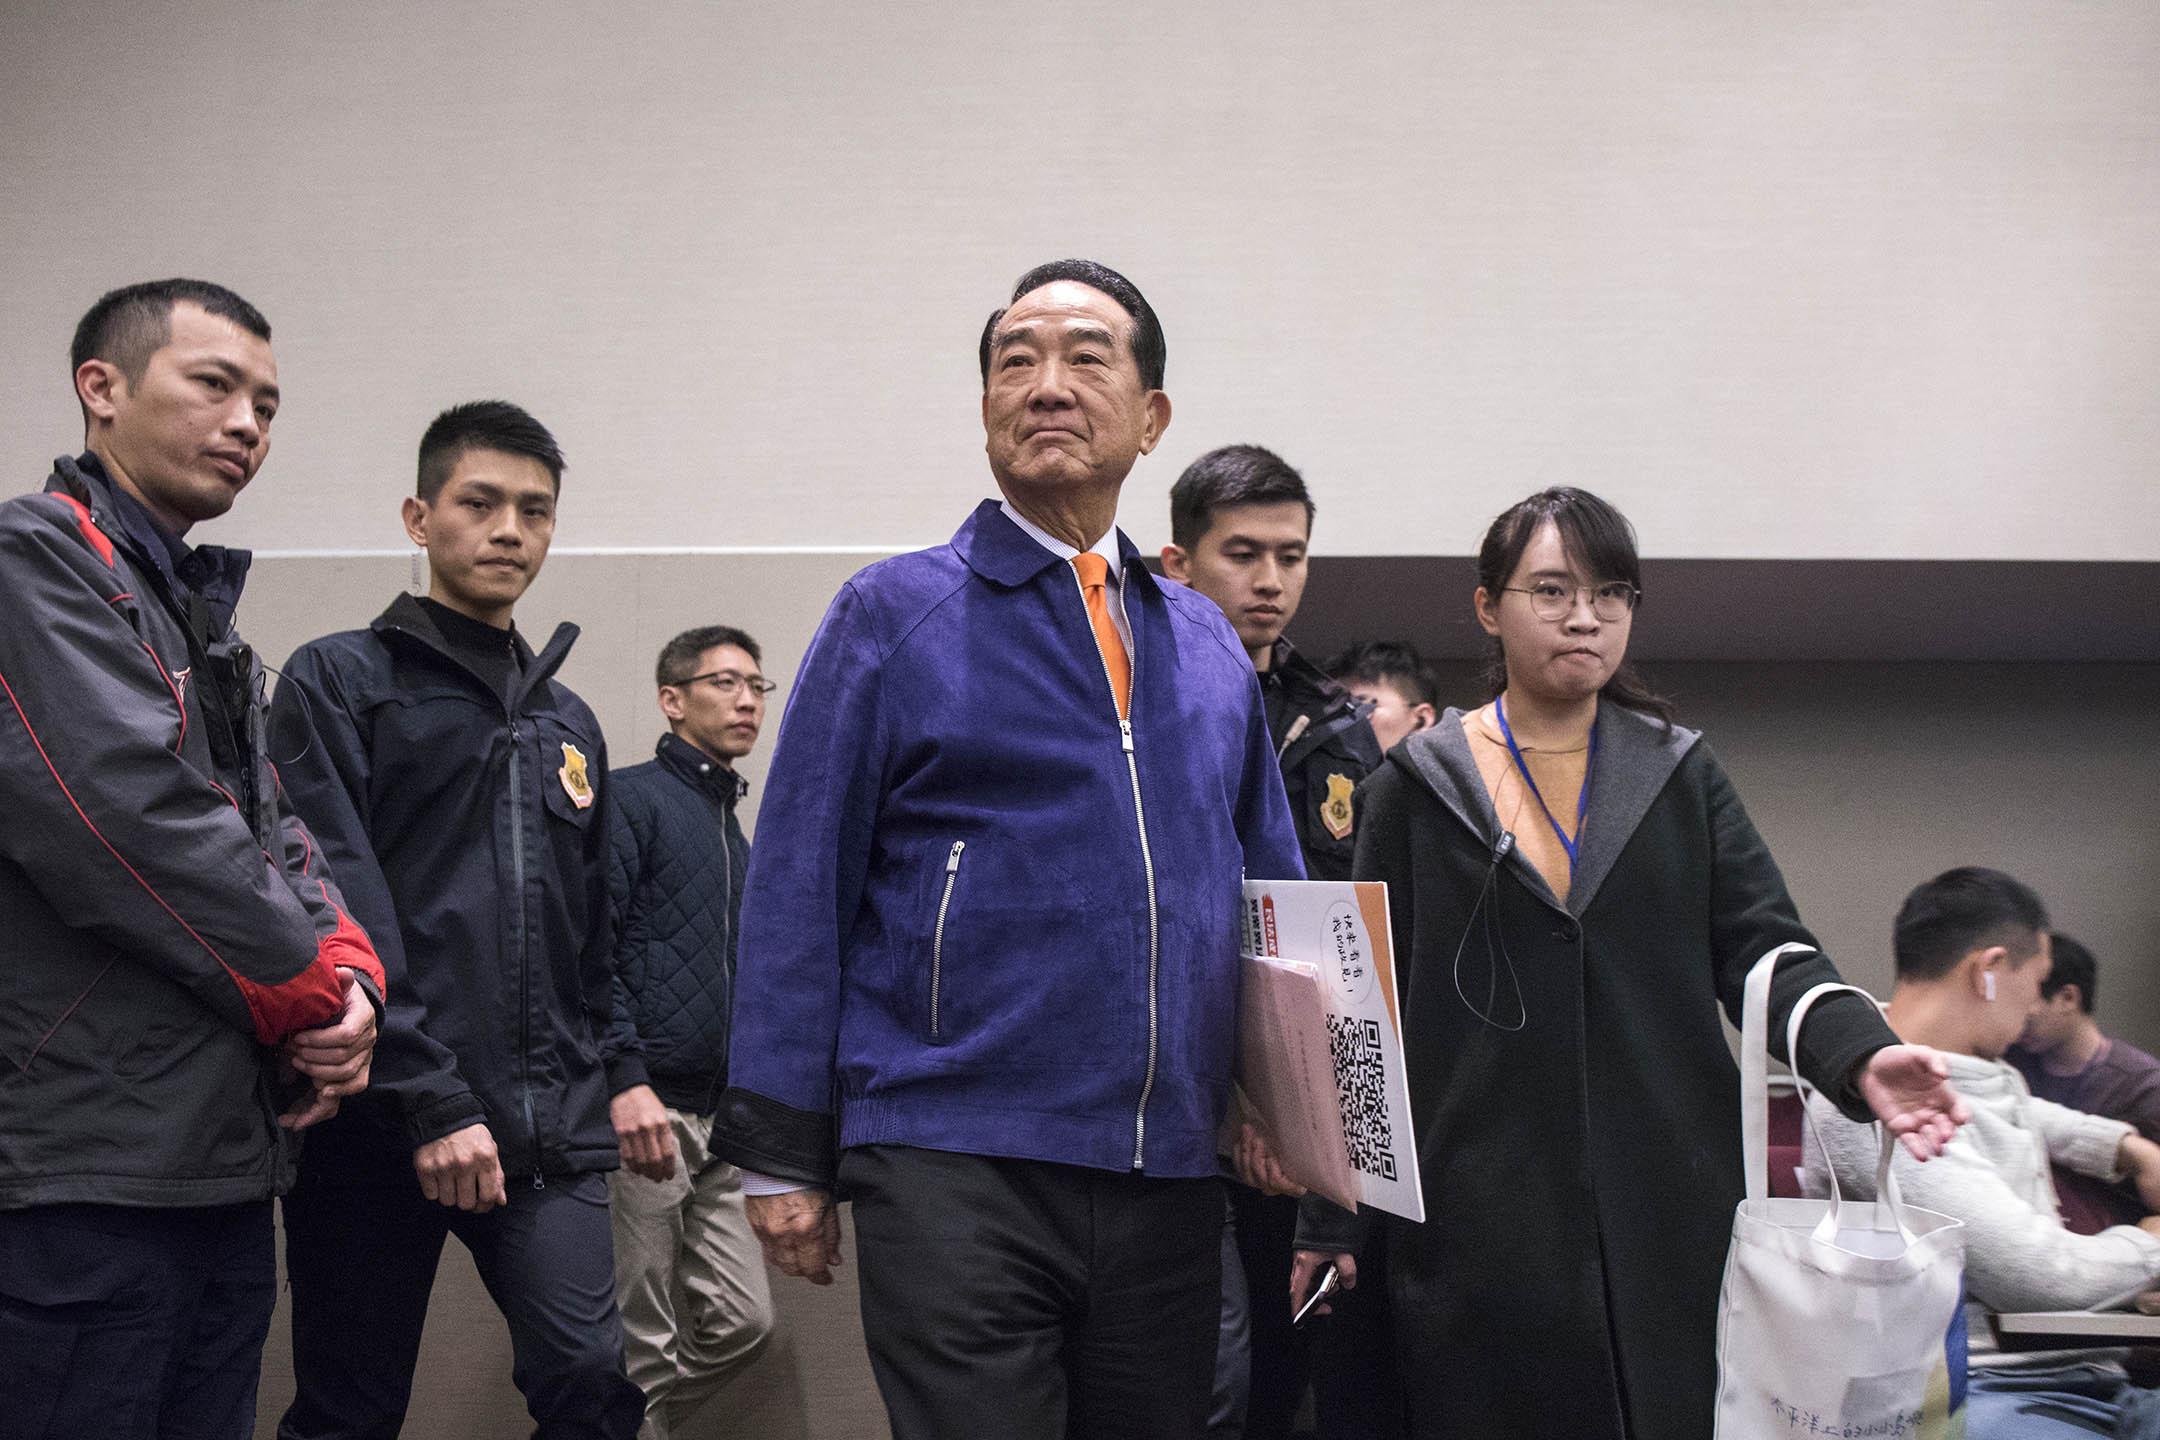 2019年12月7日,親民黨總統參選人宋楚瑜出席青年論壇與學生談政策。 攝:陳焯煇/端傳媒